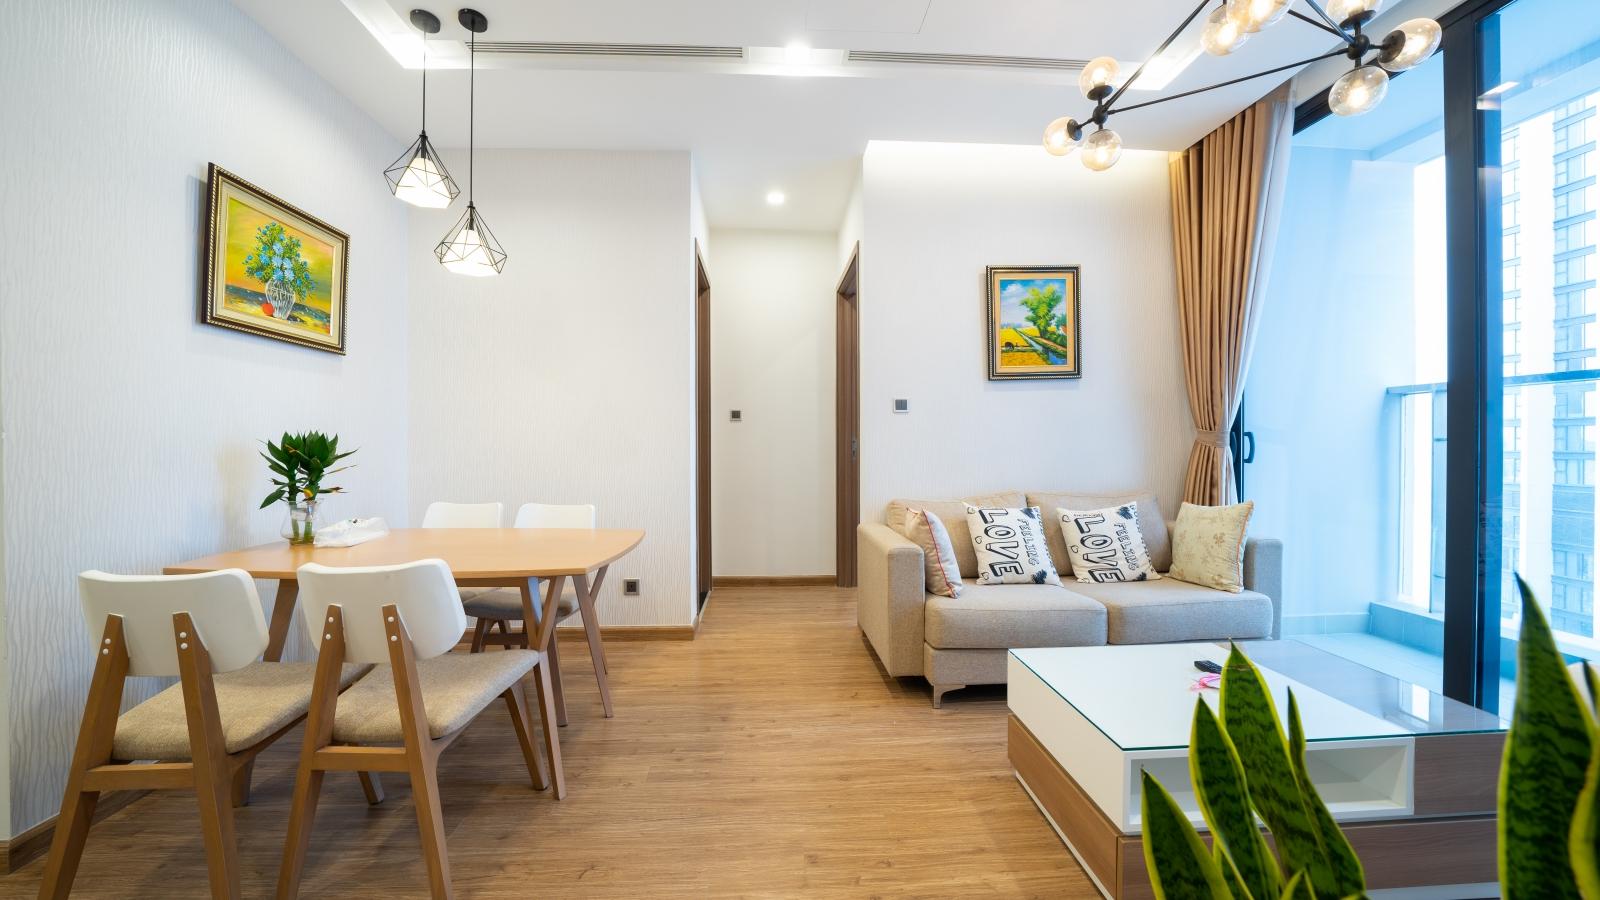 Kinh nghiệm thuê chung cư